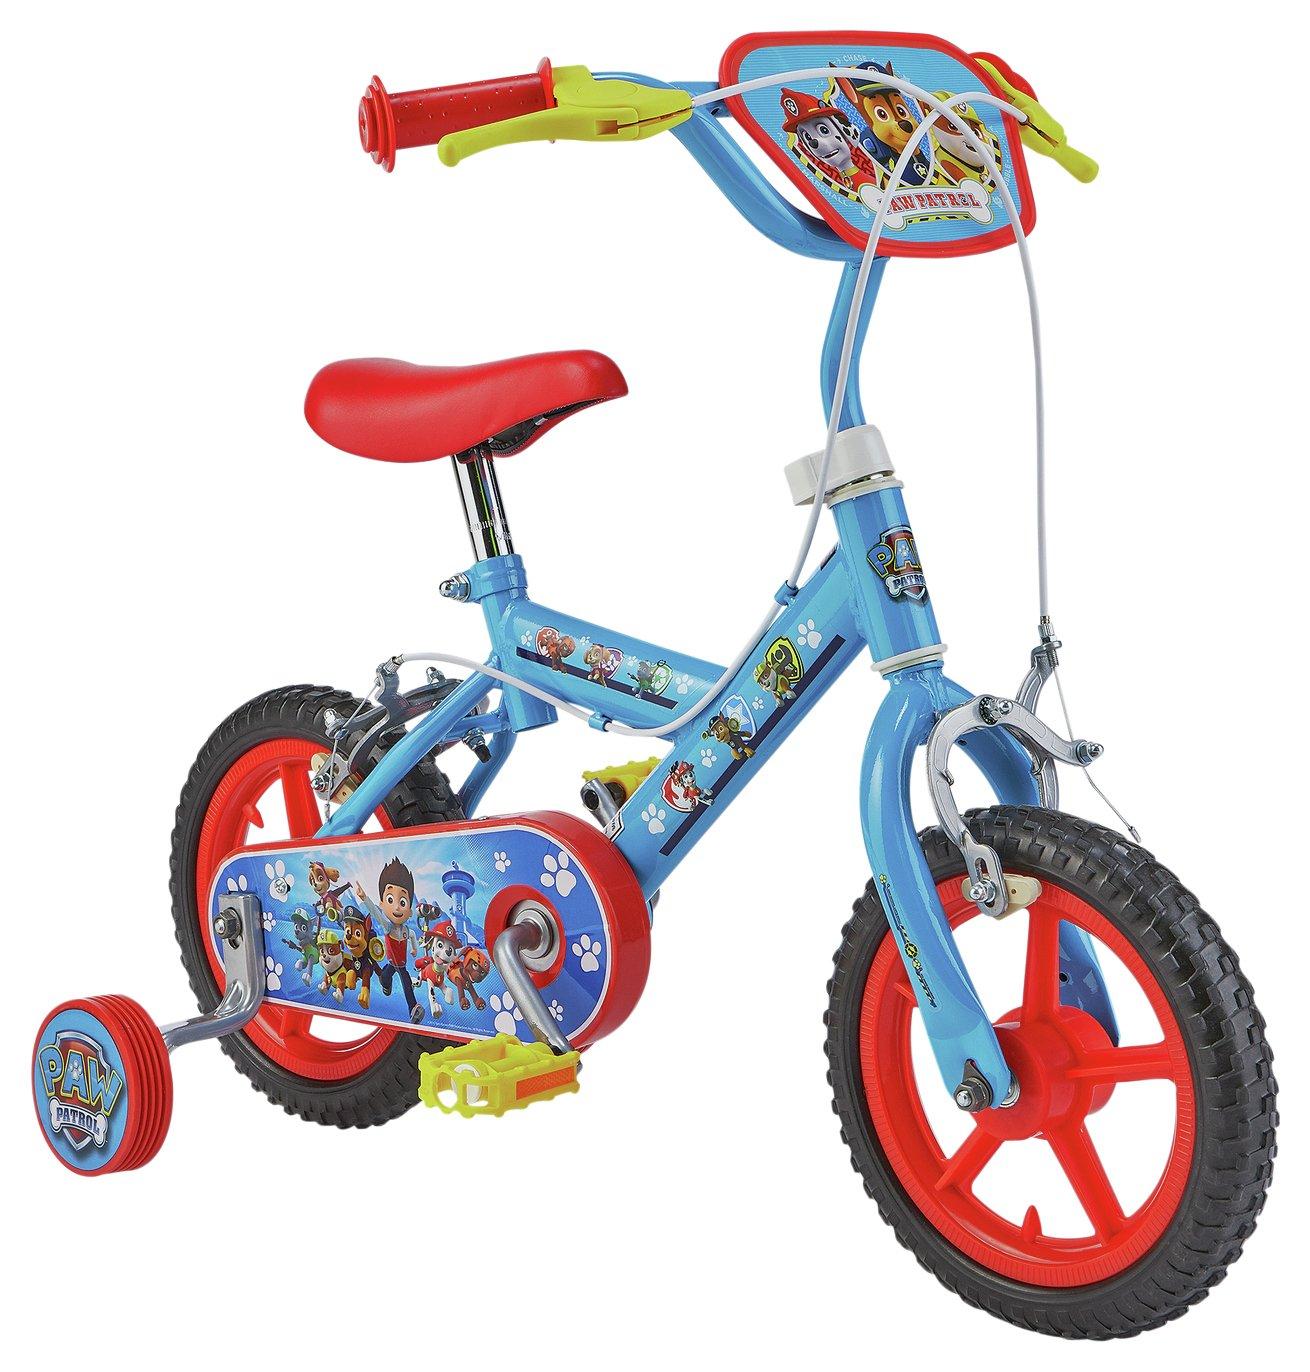 PAW Patrol 12 Inch Kids Bike